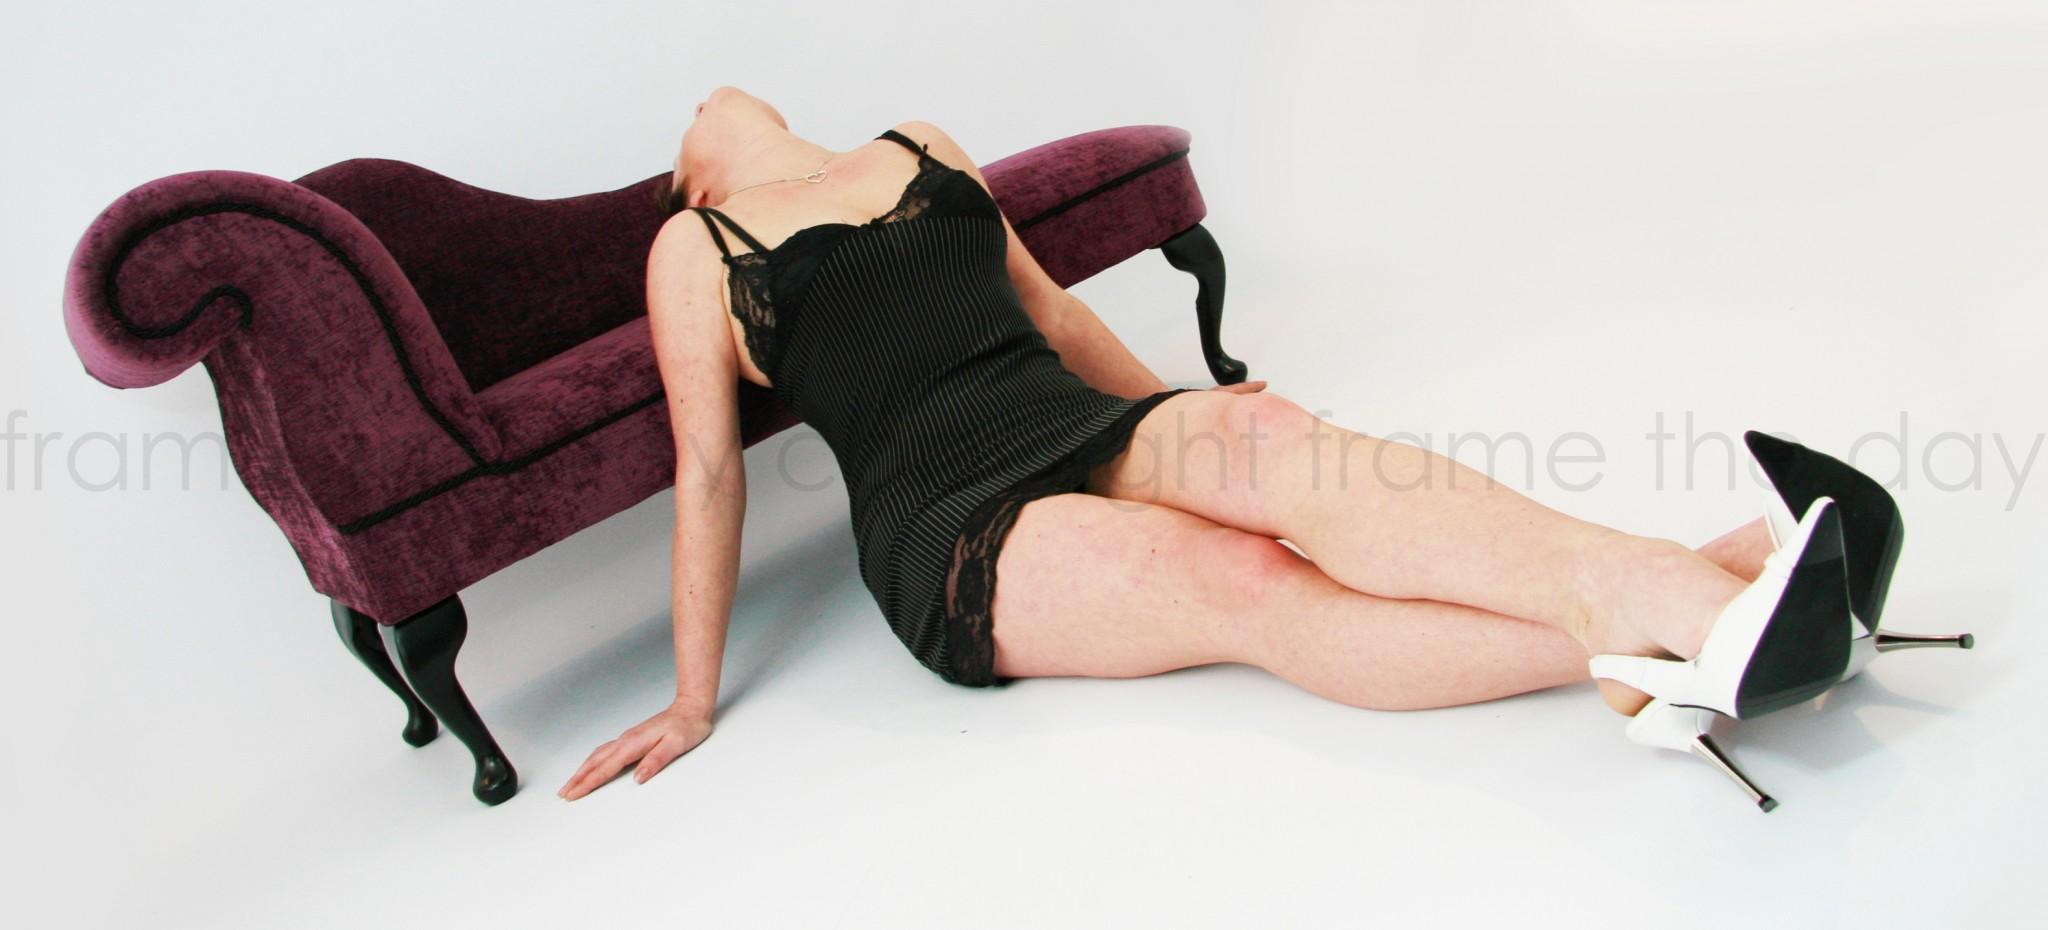 g faceless boudoir 2